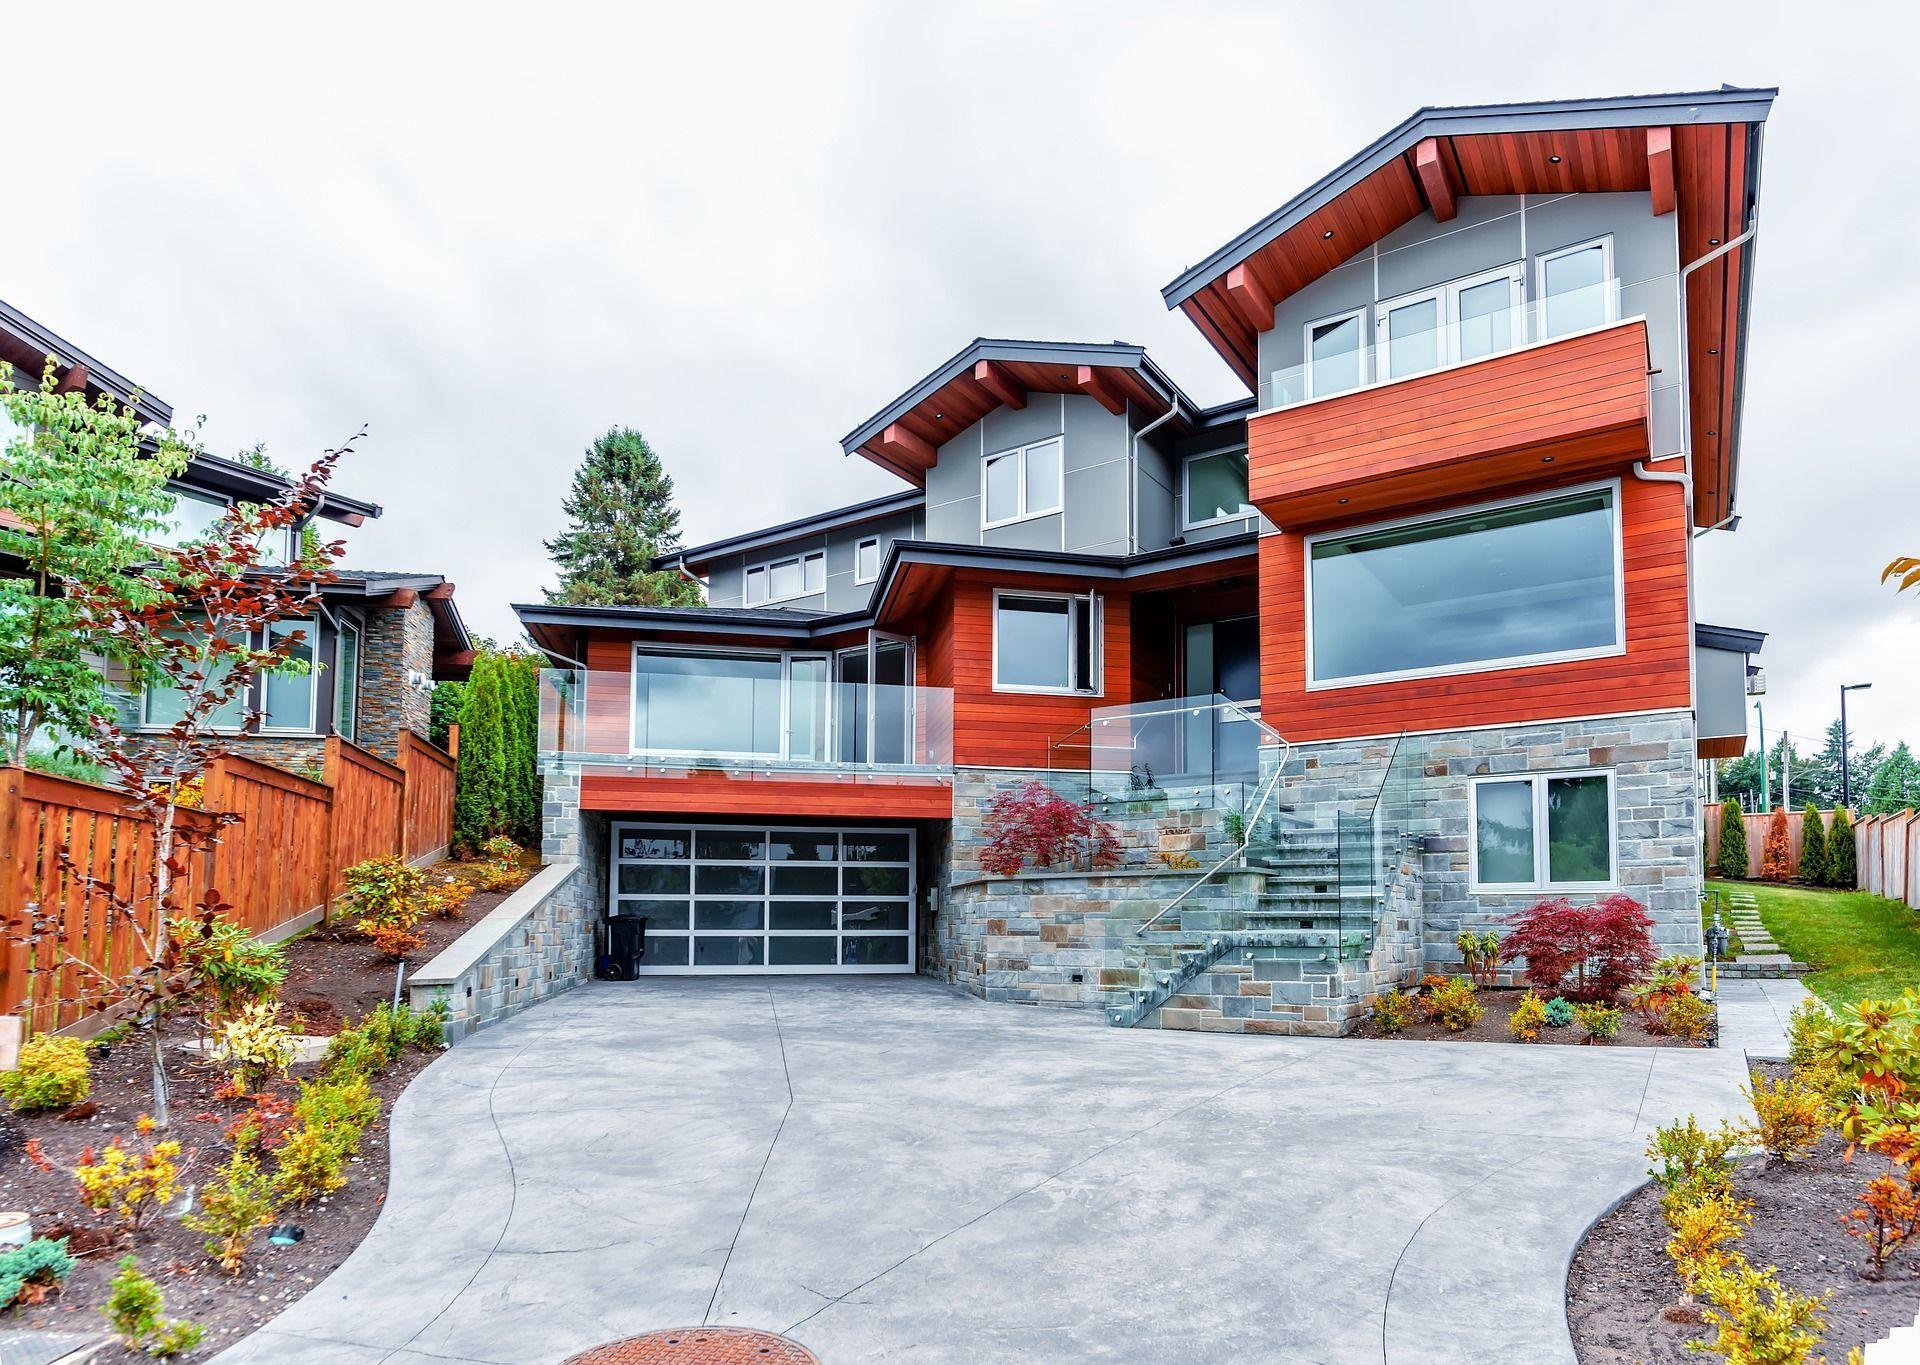 Glass Garage Door Options Quality Overhead Door In 2020 Bungalow House Plans Bungalow Homes House Exterior